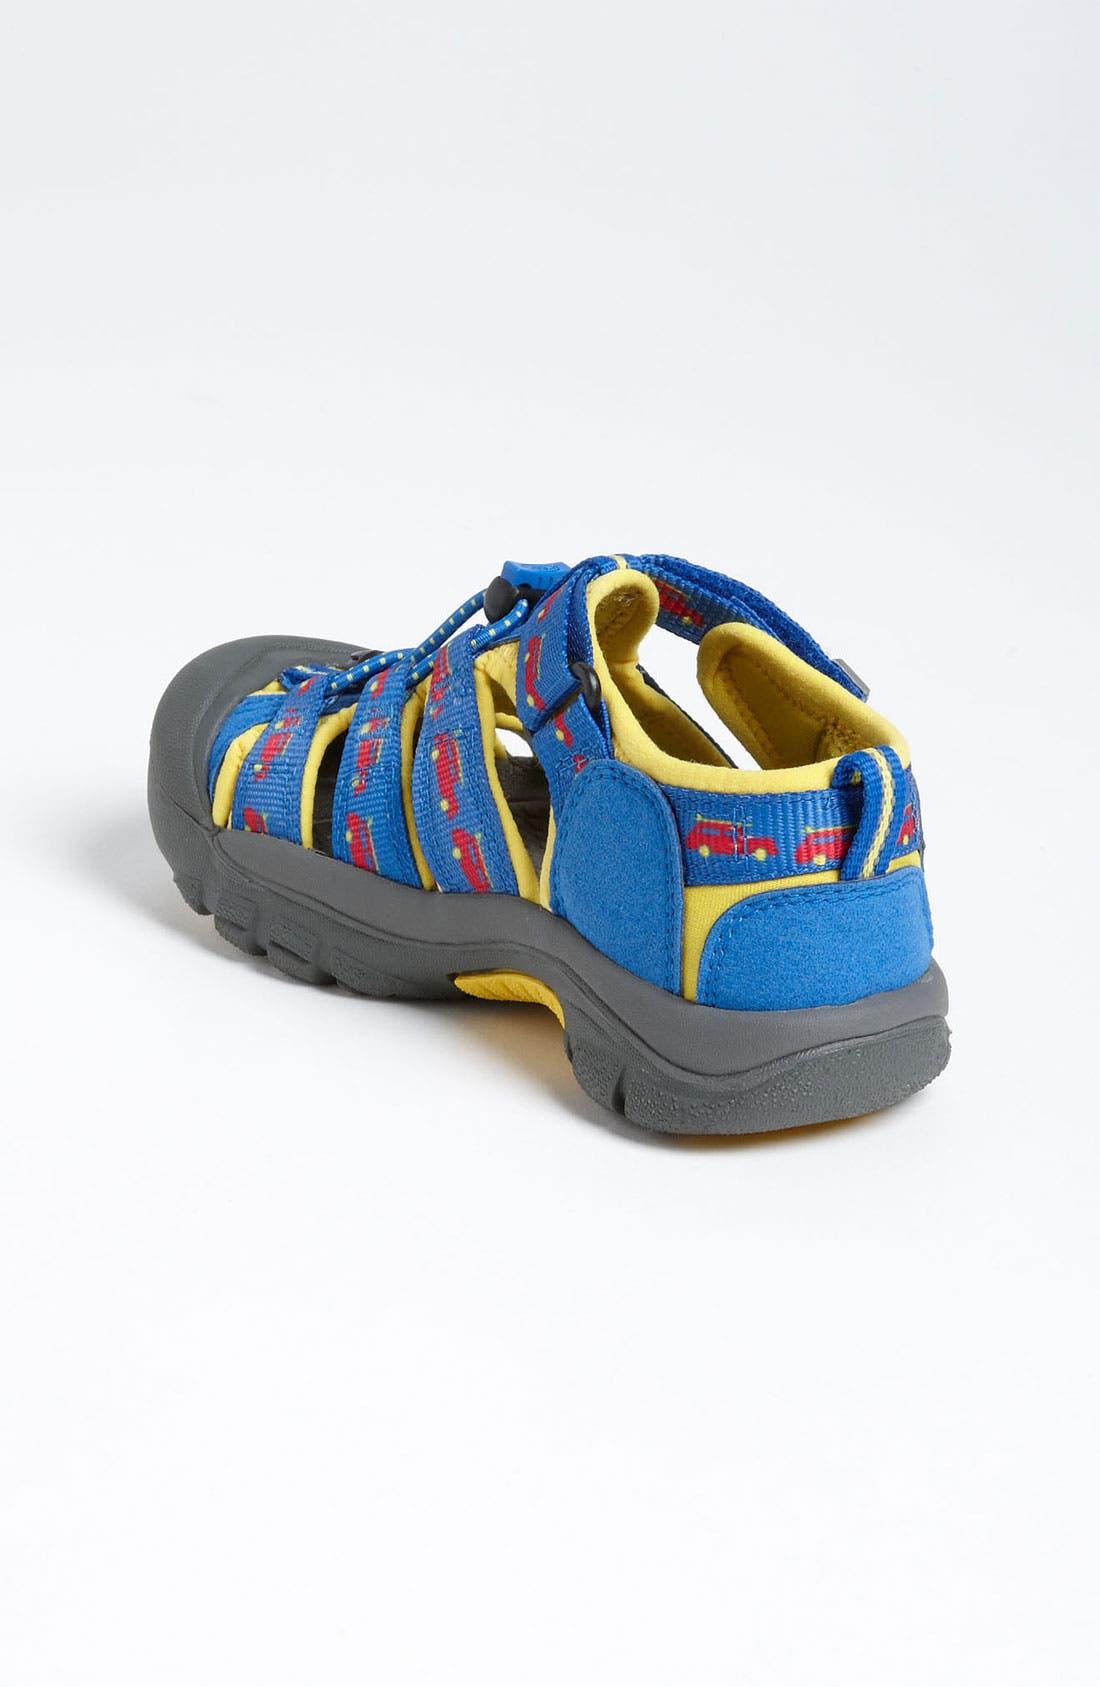 Alternate Image 2  - Keen 'Newport H2' Sandal (Toddler & Little Kid)